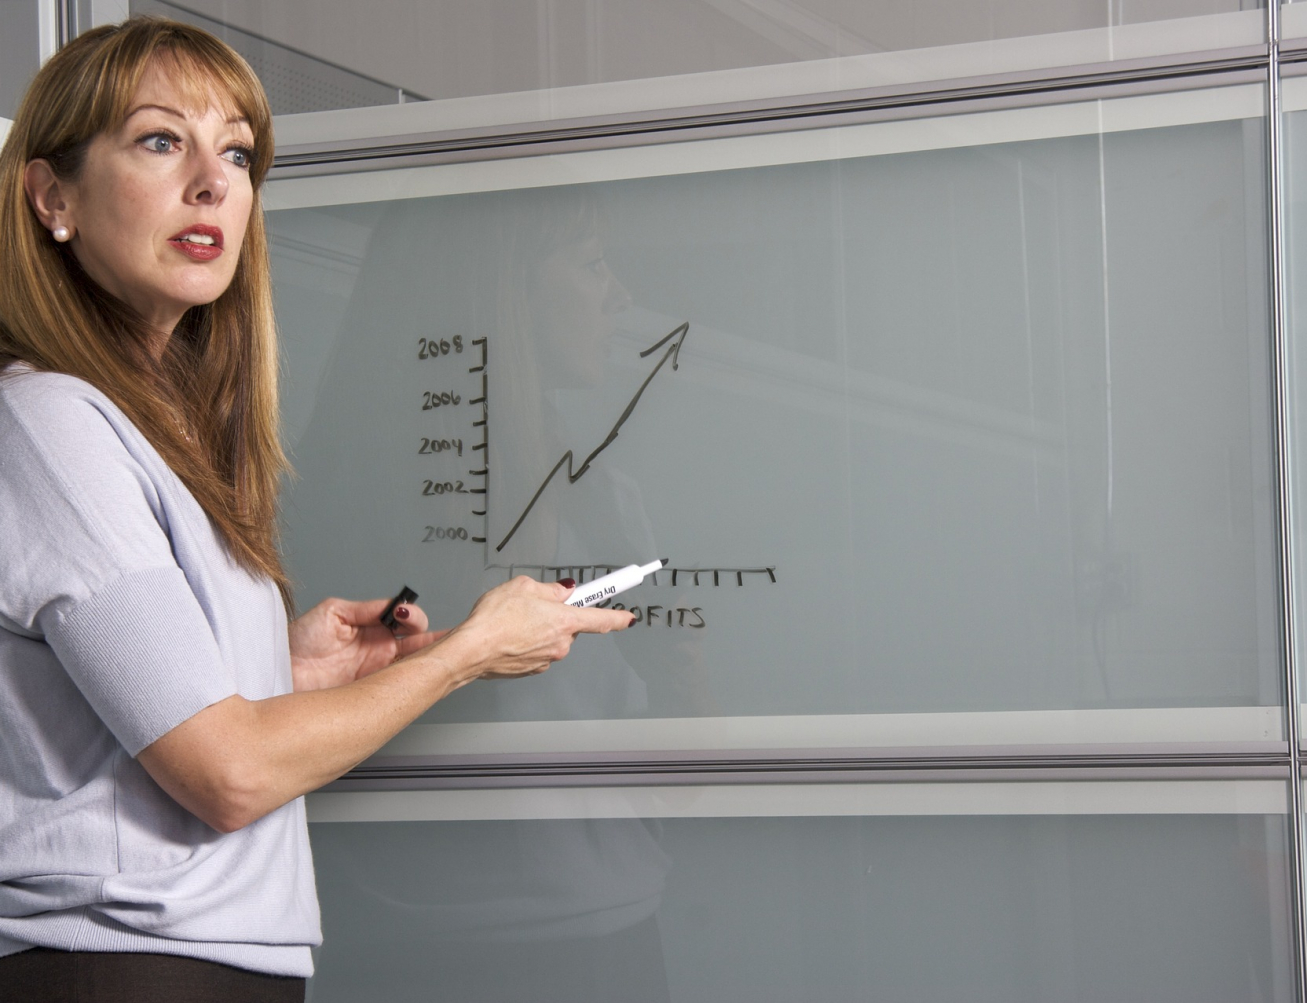 teacher-1280966_1920-p0h4tcpt2q84q9wwgay79qd1jmpos0l9hrataori0e Berufsunfähigkeit & Dienstunfähigkeit